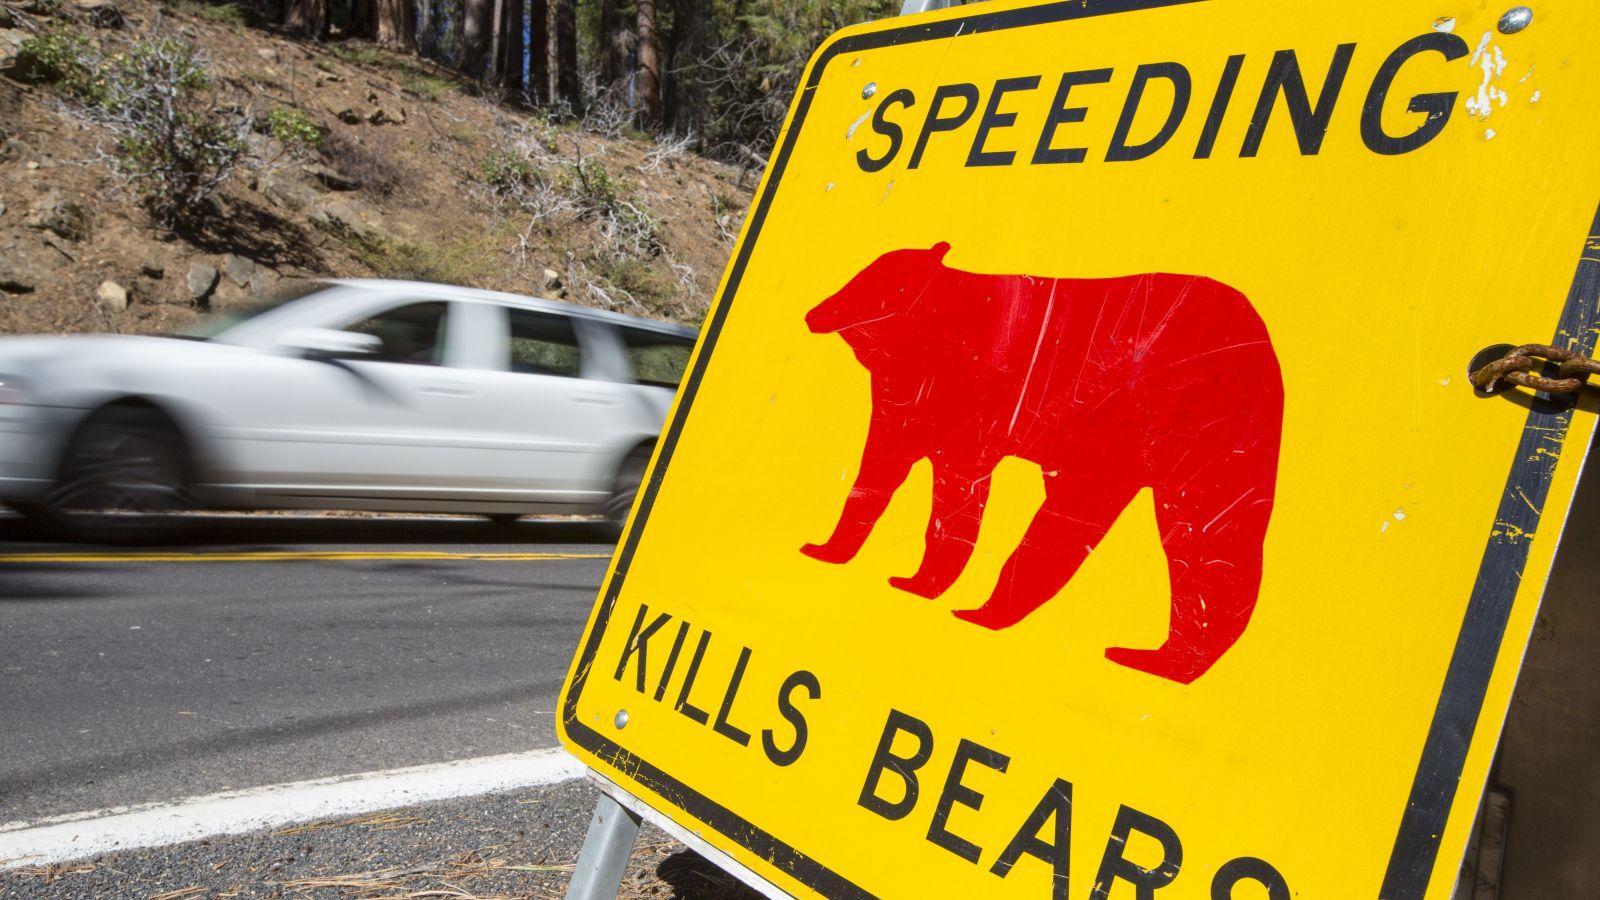 Ők azok, akik az utcákról, a főutakról, az autópályákról, a felüljárókról, a hidakról eltakarítják az elhullott állatok tetemeit, amelyek odatévedve sokszor baleset áldozatai lesznek. Munkájuk már azért is kulcsfontosságú, mert így megelőzhetőek a további balesetek is. (Global Warming Images /Shutterstock)